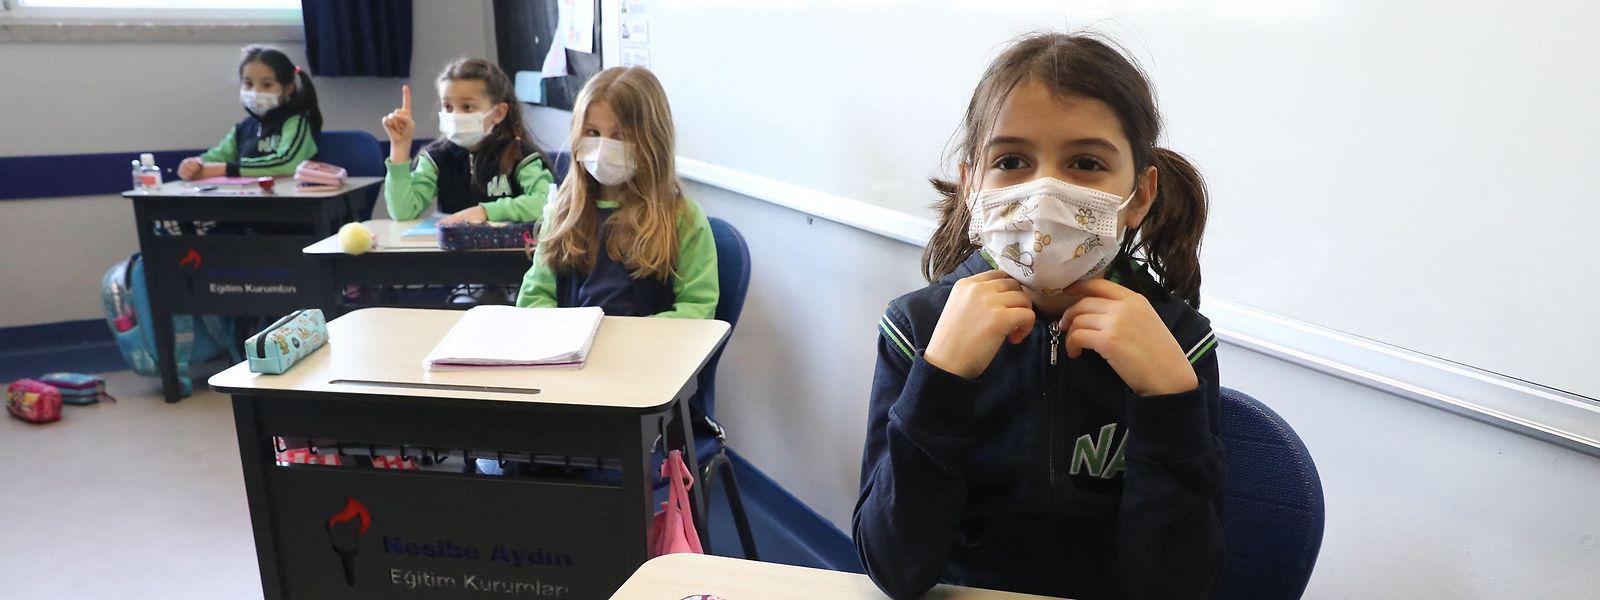 Normaler Unterricht - ein Bild, das seit einem Jahr für viele Kinder weltweit nicht mehr existiert.